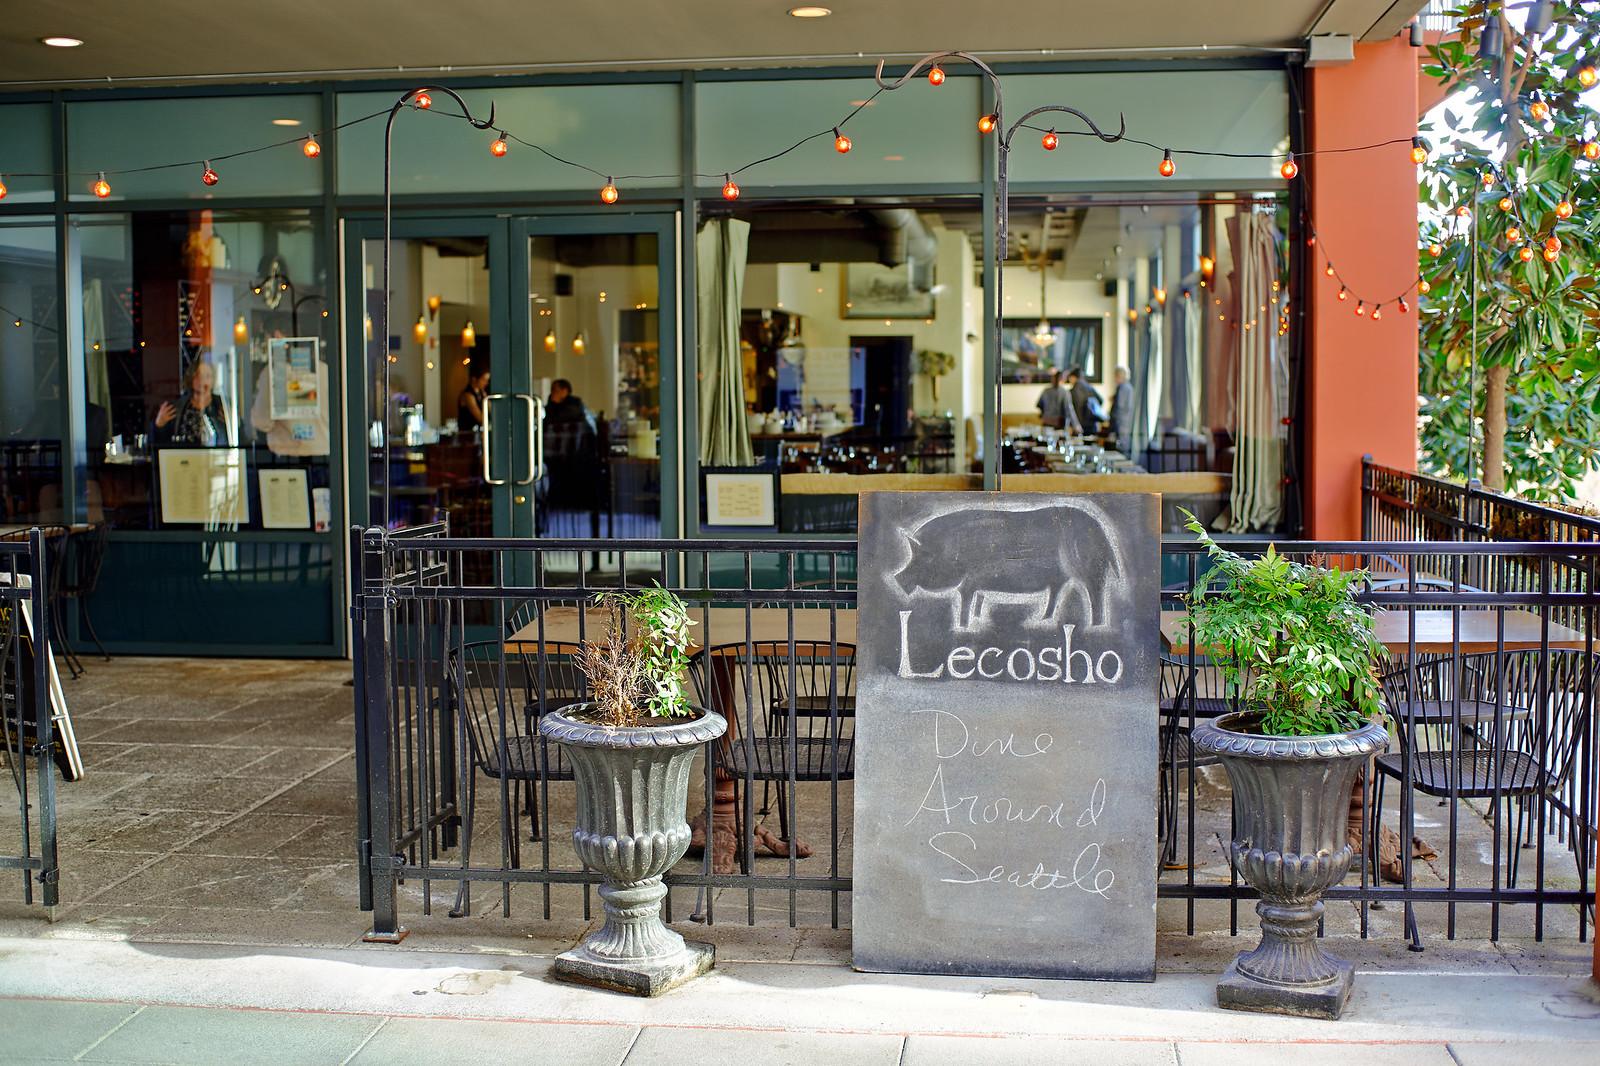 Lecosho Restaurant front door